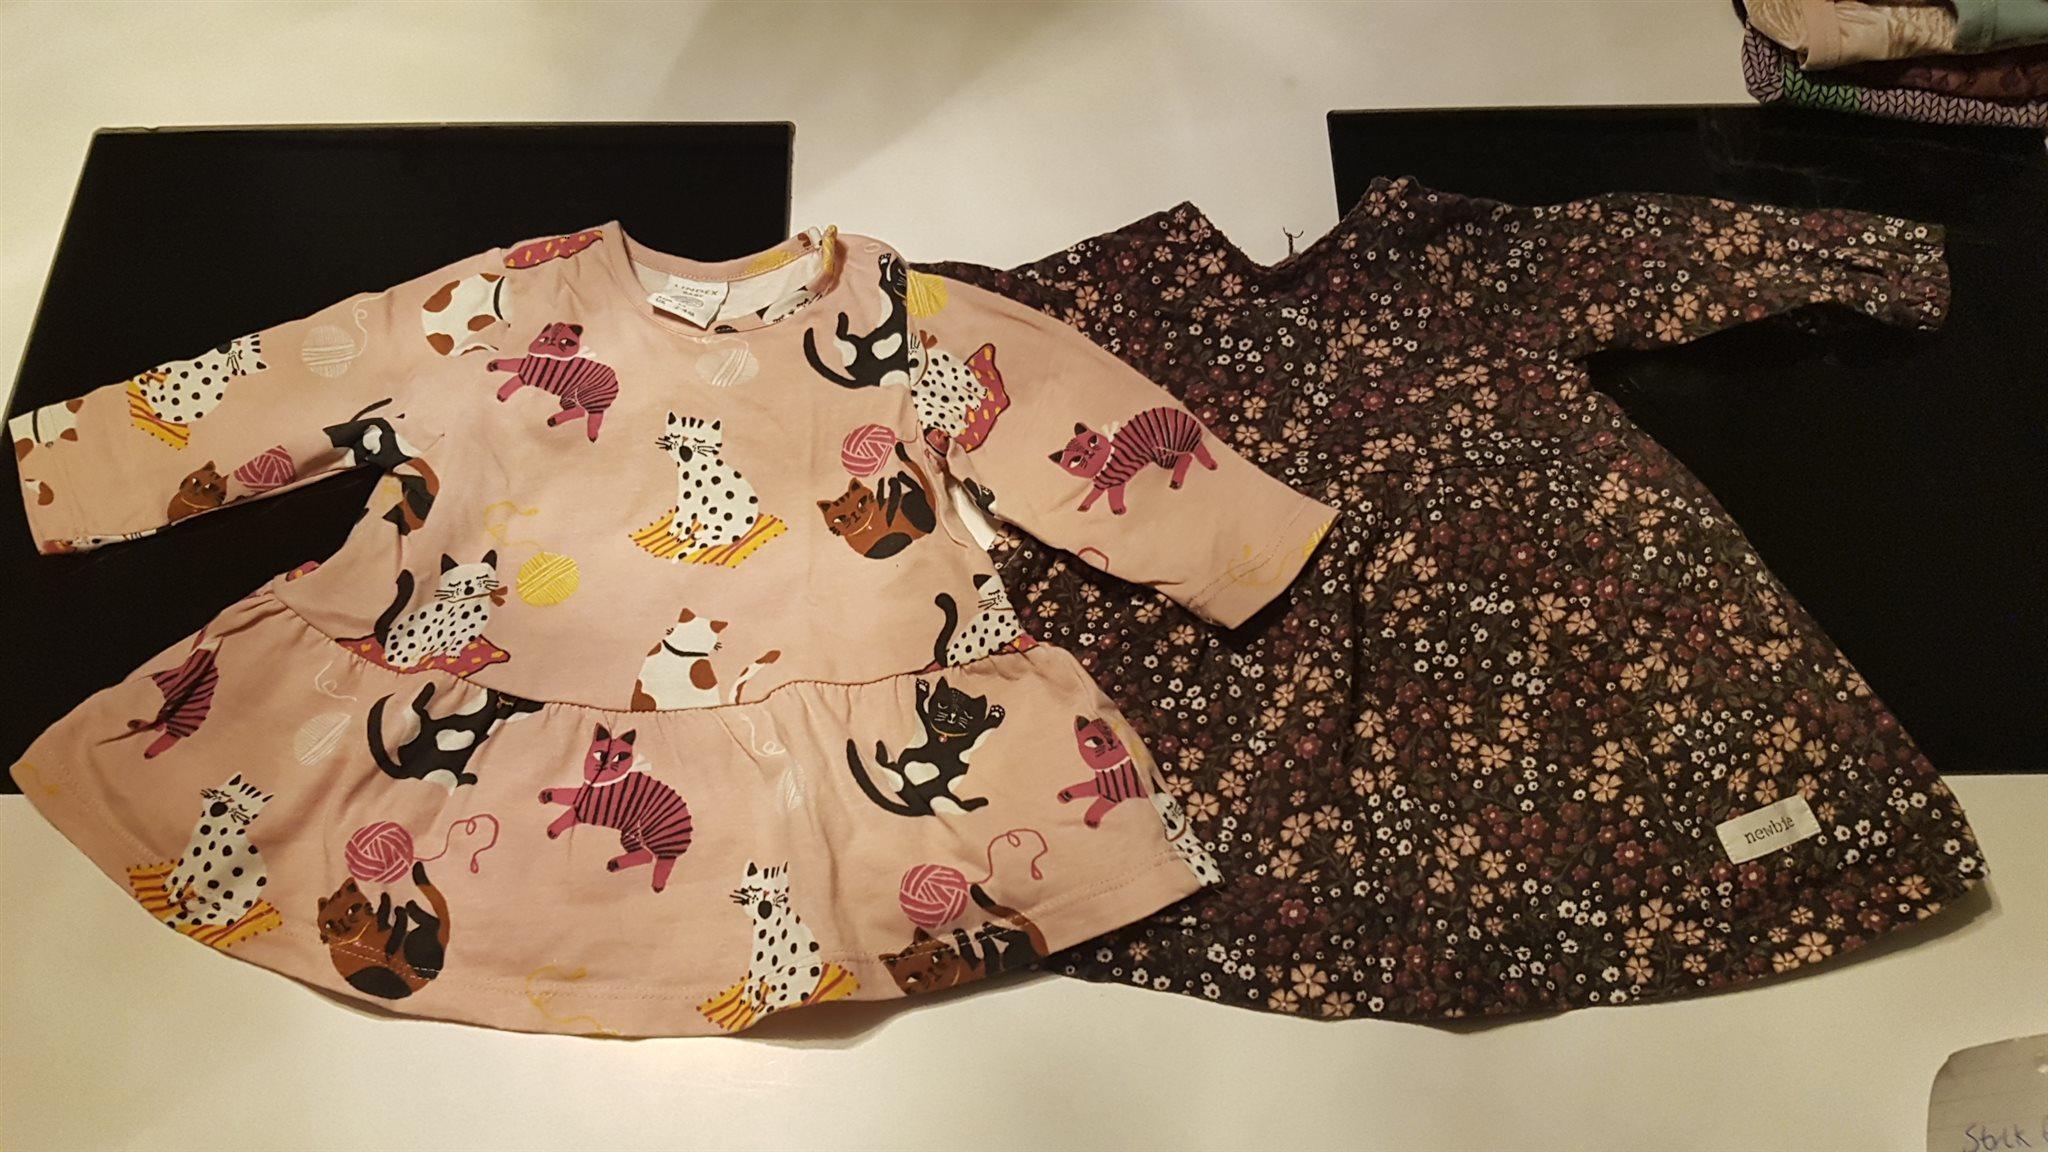 Klädpaket barnkläder storlek 62 (339250889) ᐈ Köp på Tradera a024bad4385e2